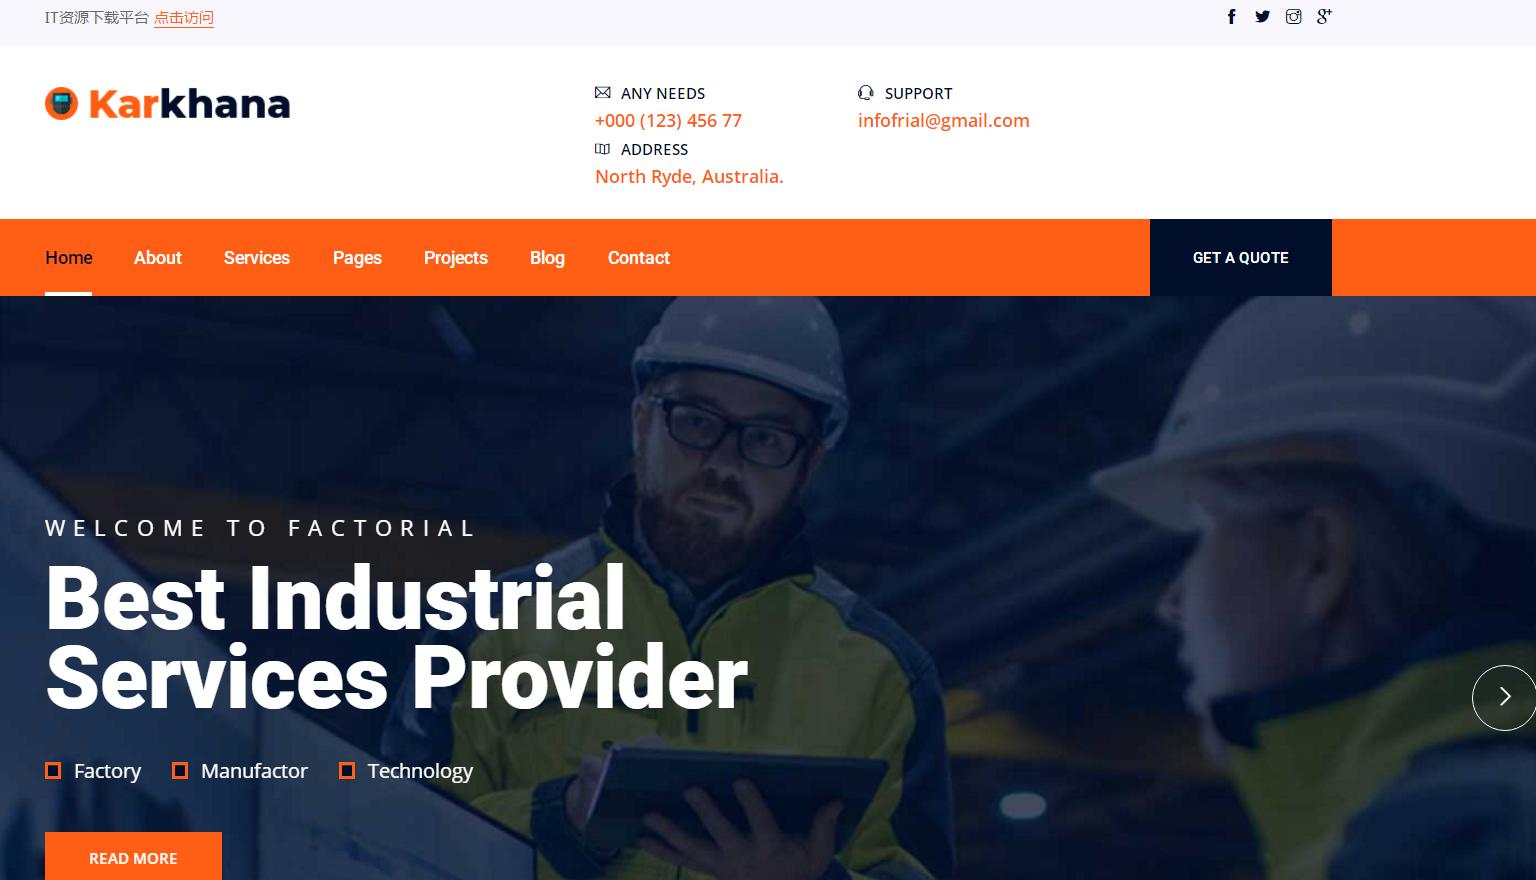 大型重工机械设备制造工程设计施工公司企业官网HTML5响应式网站模板